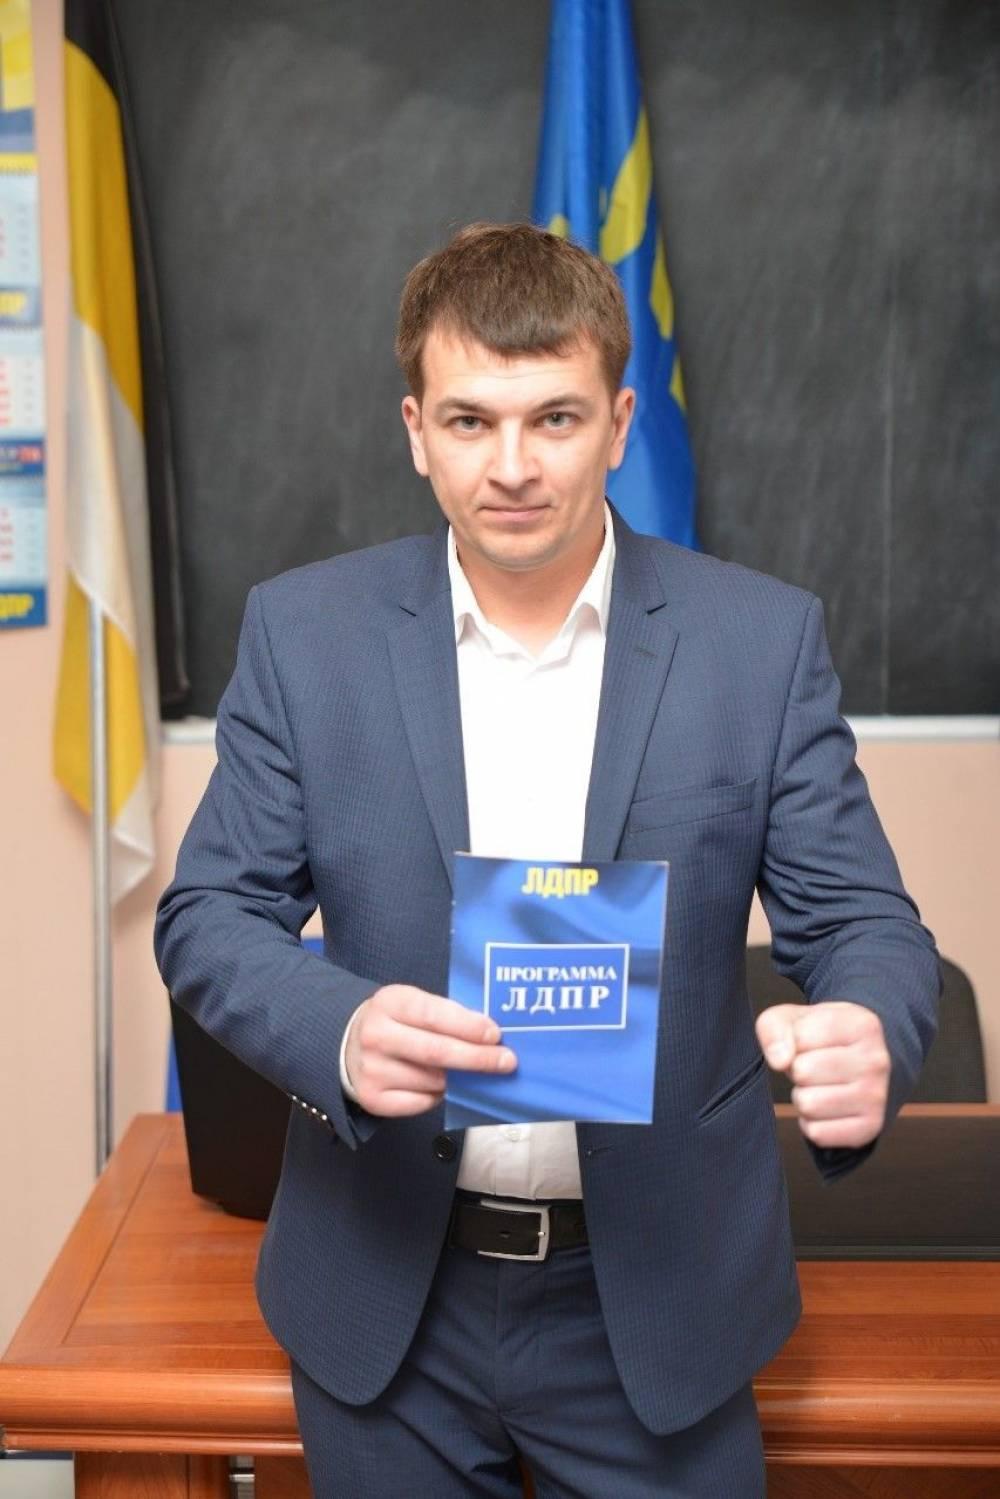 Виталий Шумаков. О проблемах в городе и их решениях.